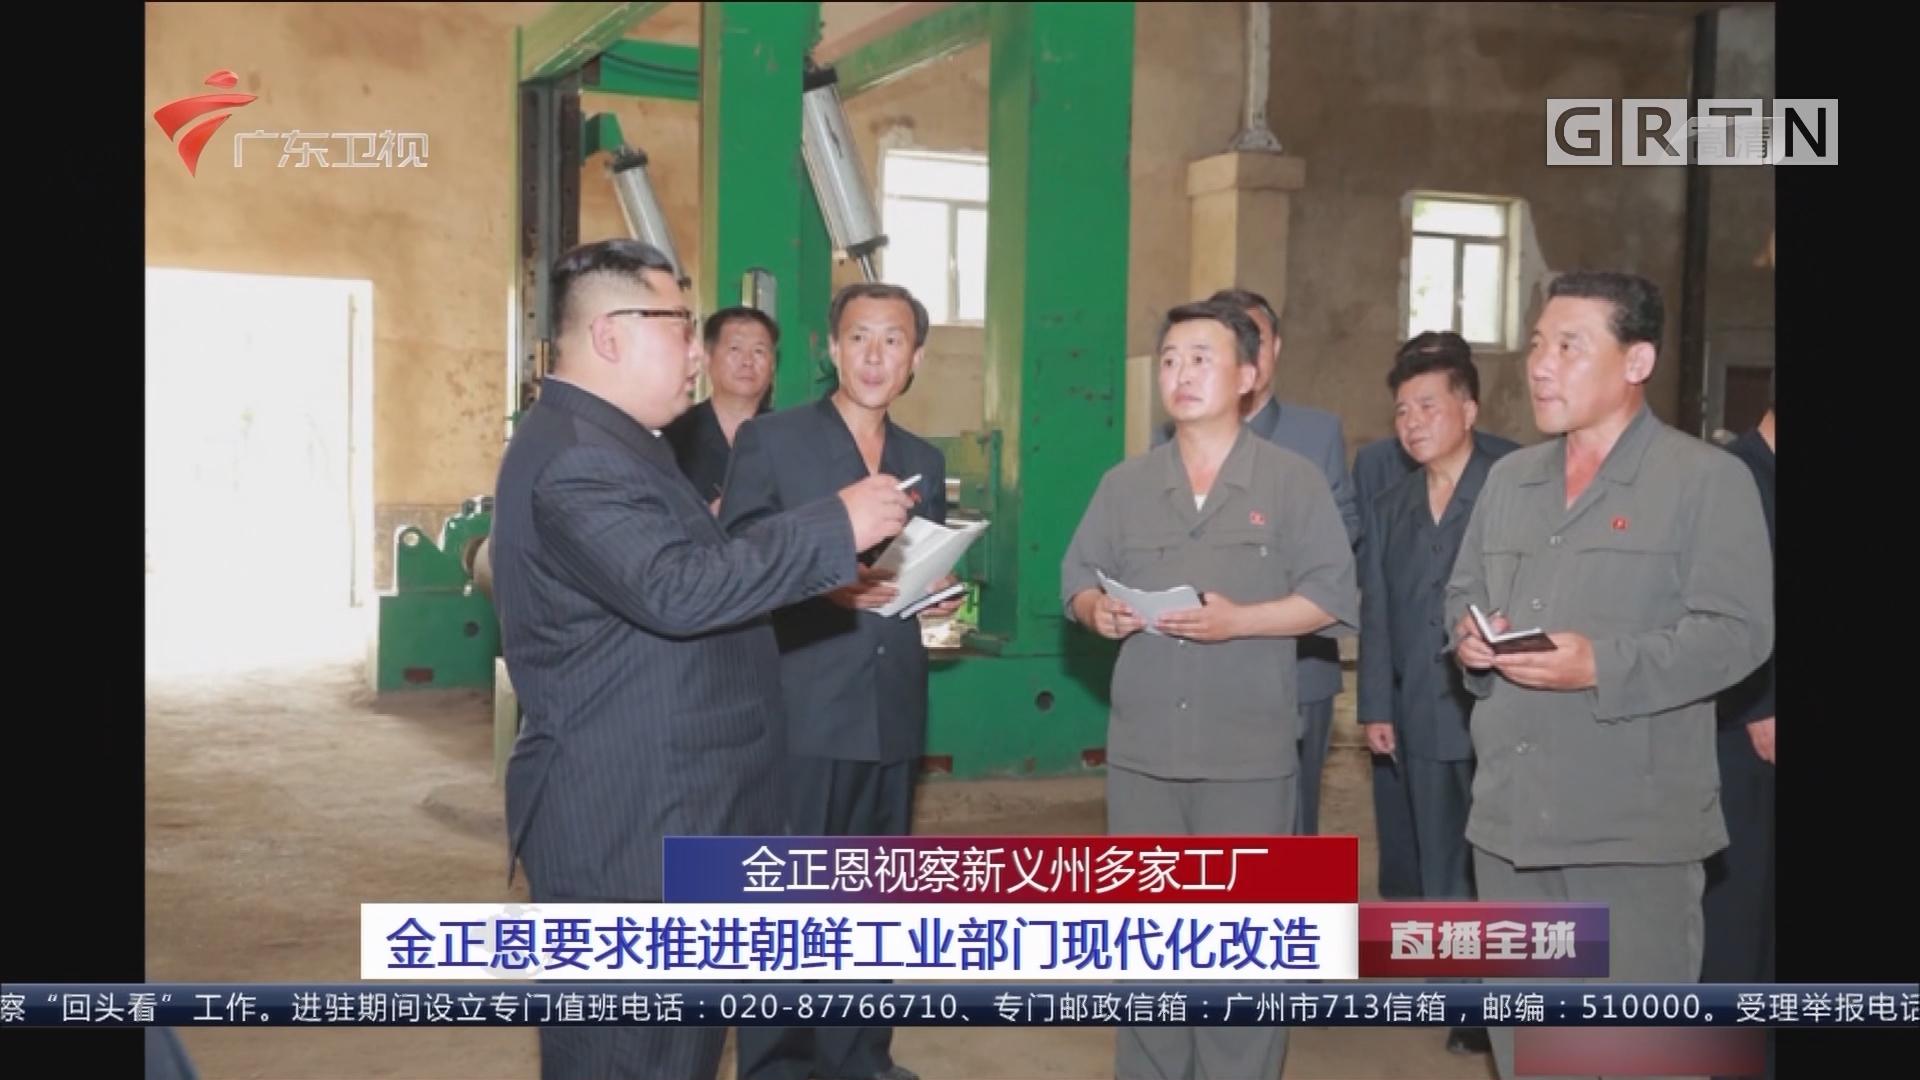 金正恩视察新义州多家工厂:金正恩要求推进朝鲜工业部门现代化改造